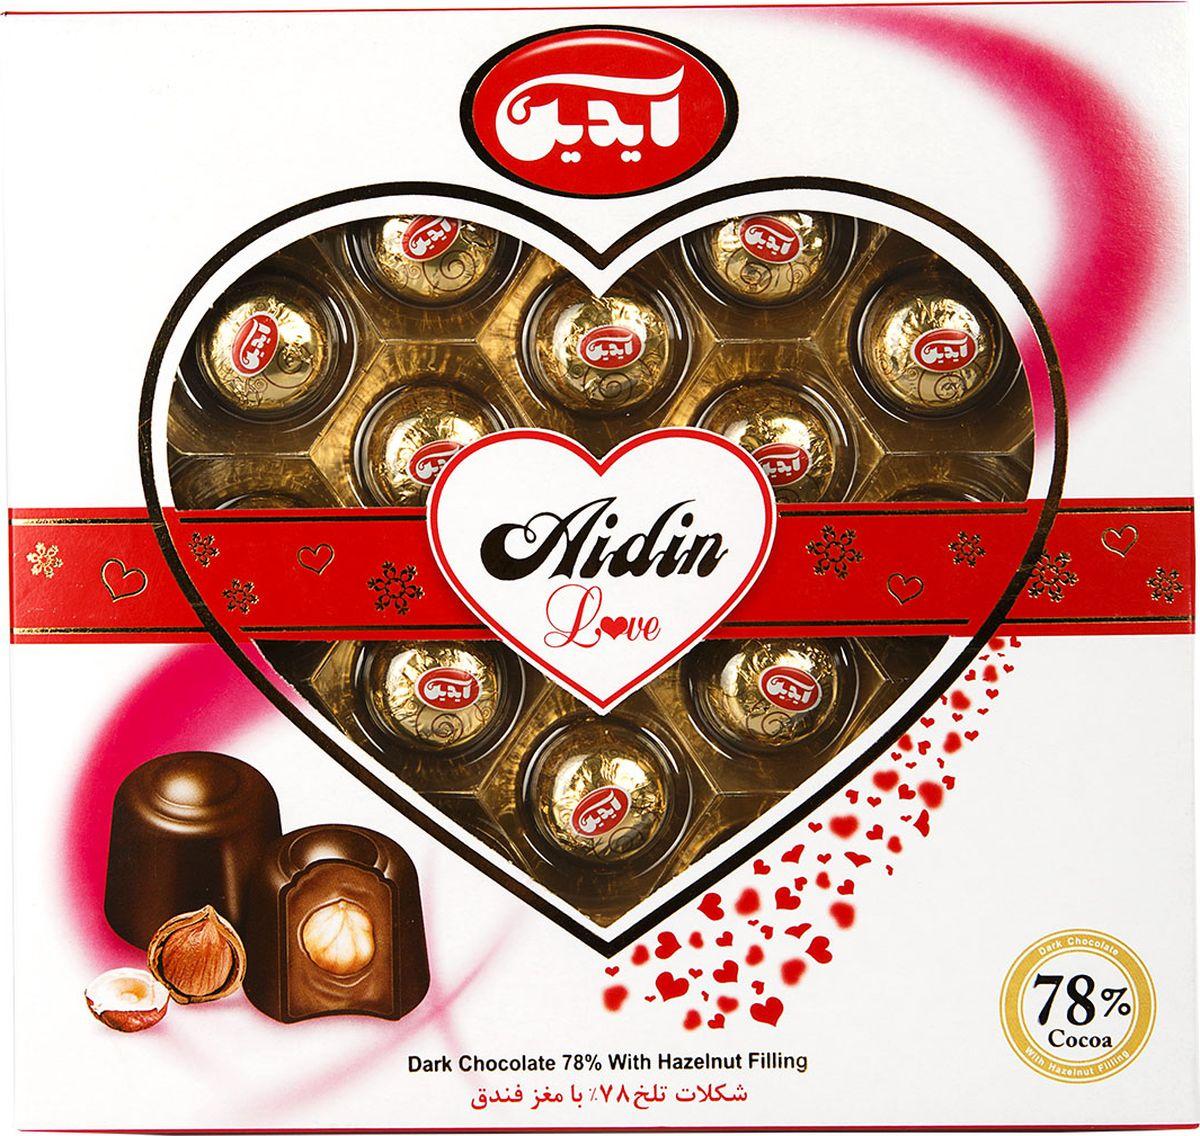 Aidin конфеты из темного шоколада с фундуком, 200 г5060295130016Шоколад - одно из самых популярных лакомств. Компания Aidin начинает свою историю с 1945 года. Покупая продукцию Aidin, можете быть уверены в том, что в изысканных сладостях соединились вкус и наслаждение. Высокое качество продукции продиктовано строгими законами Исламской республики.